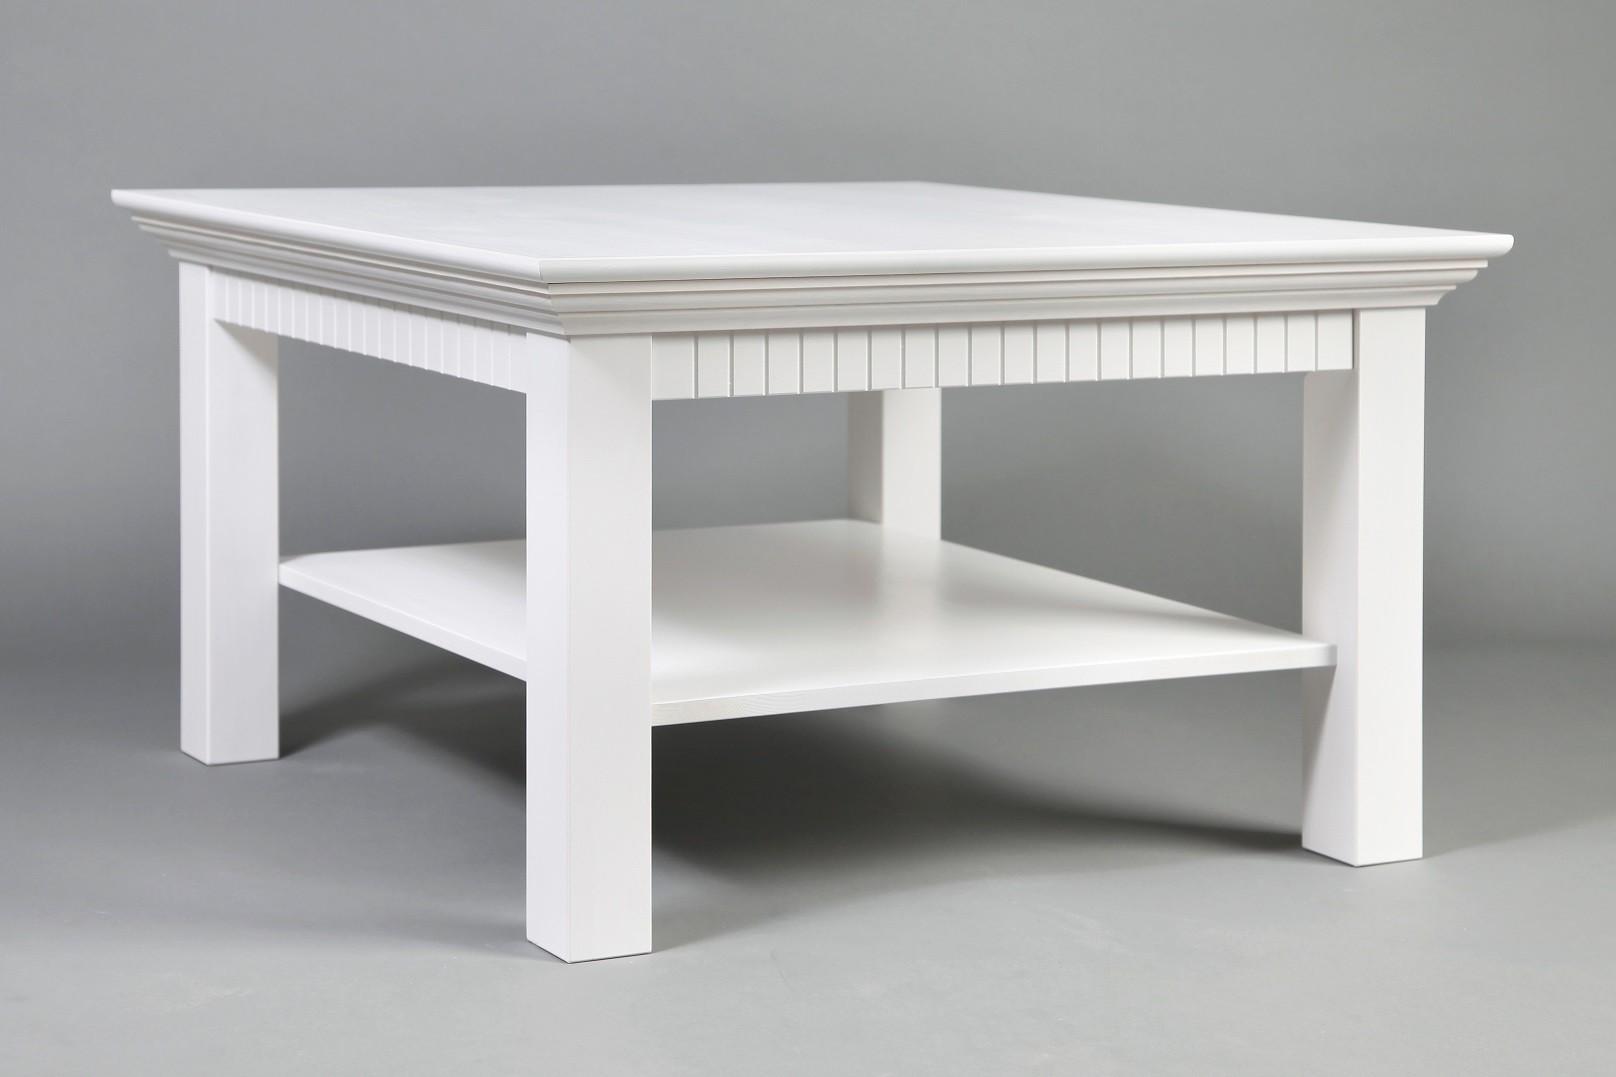 Couchtisch weiß 76x76cm